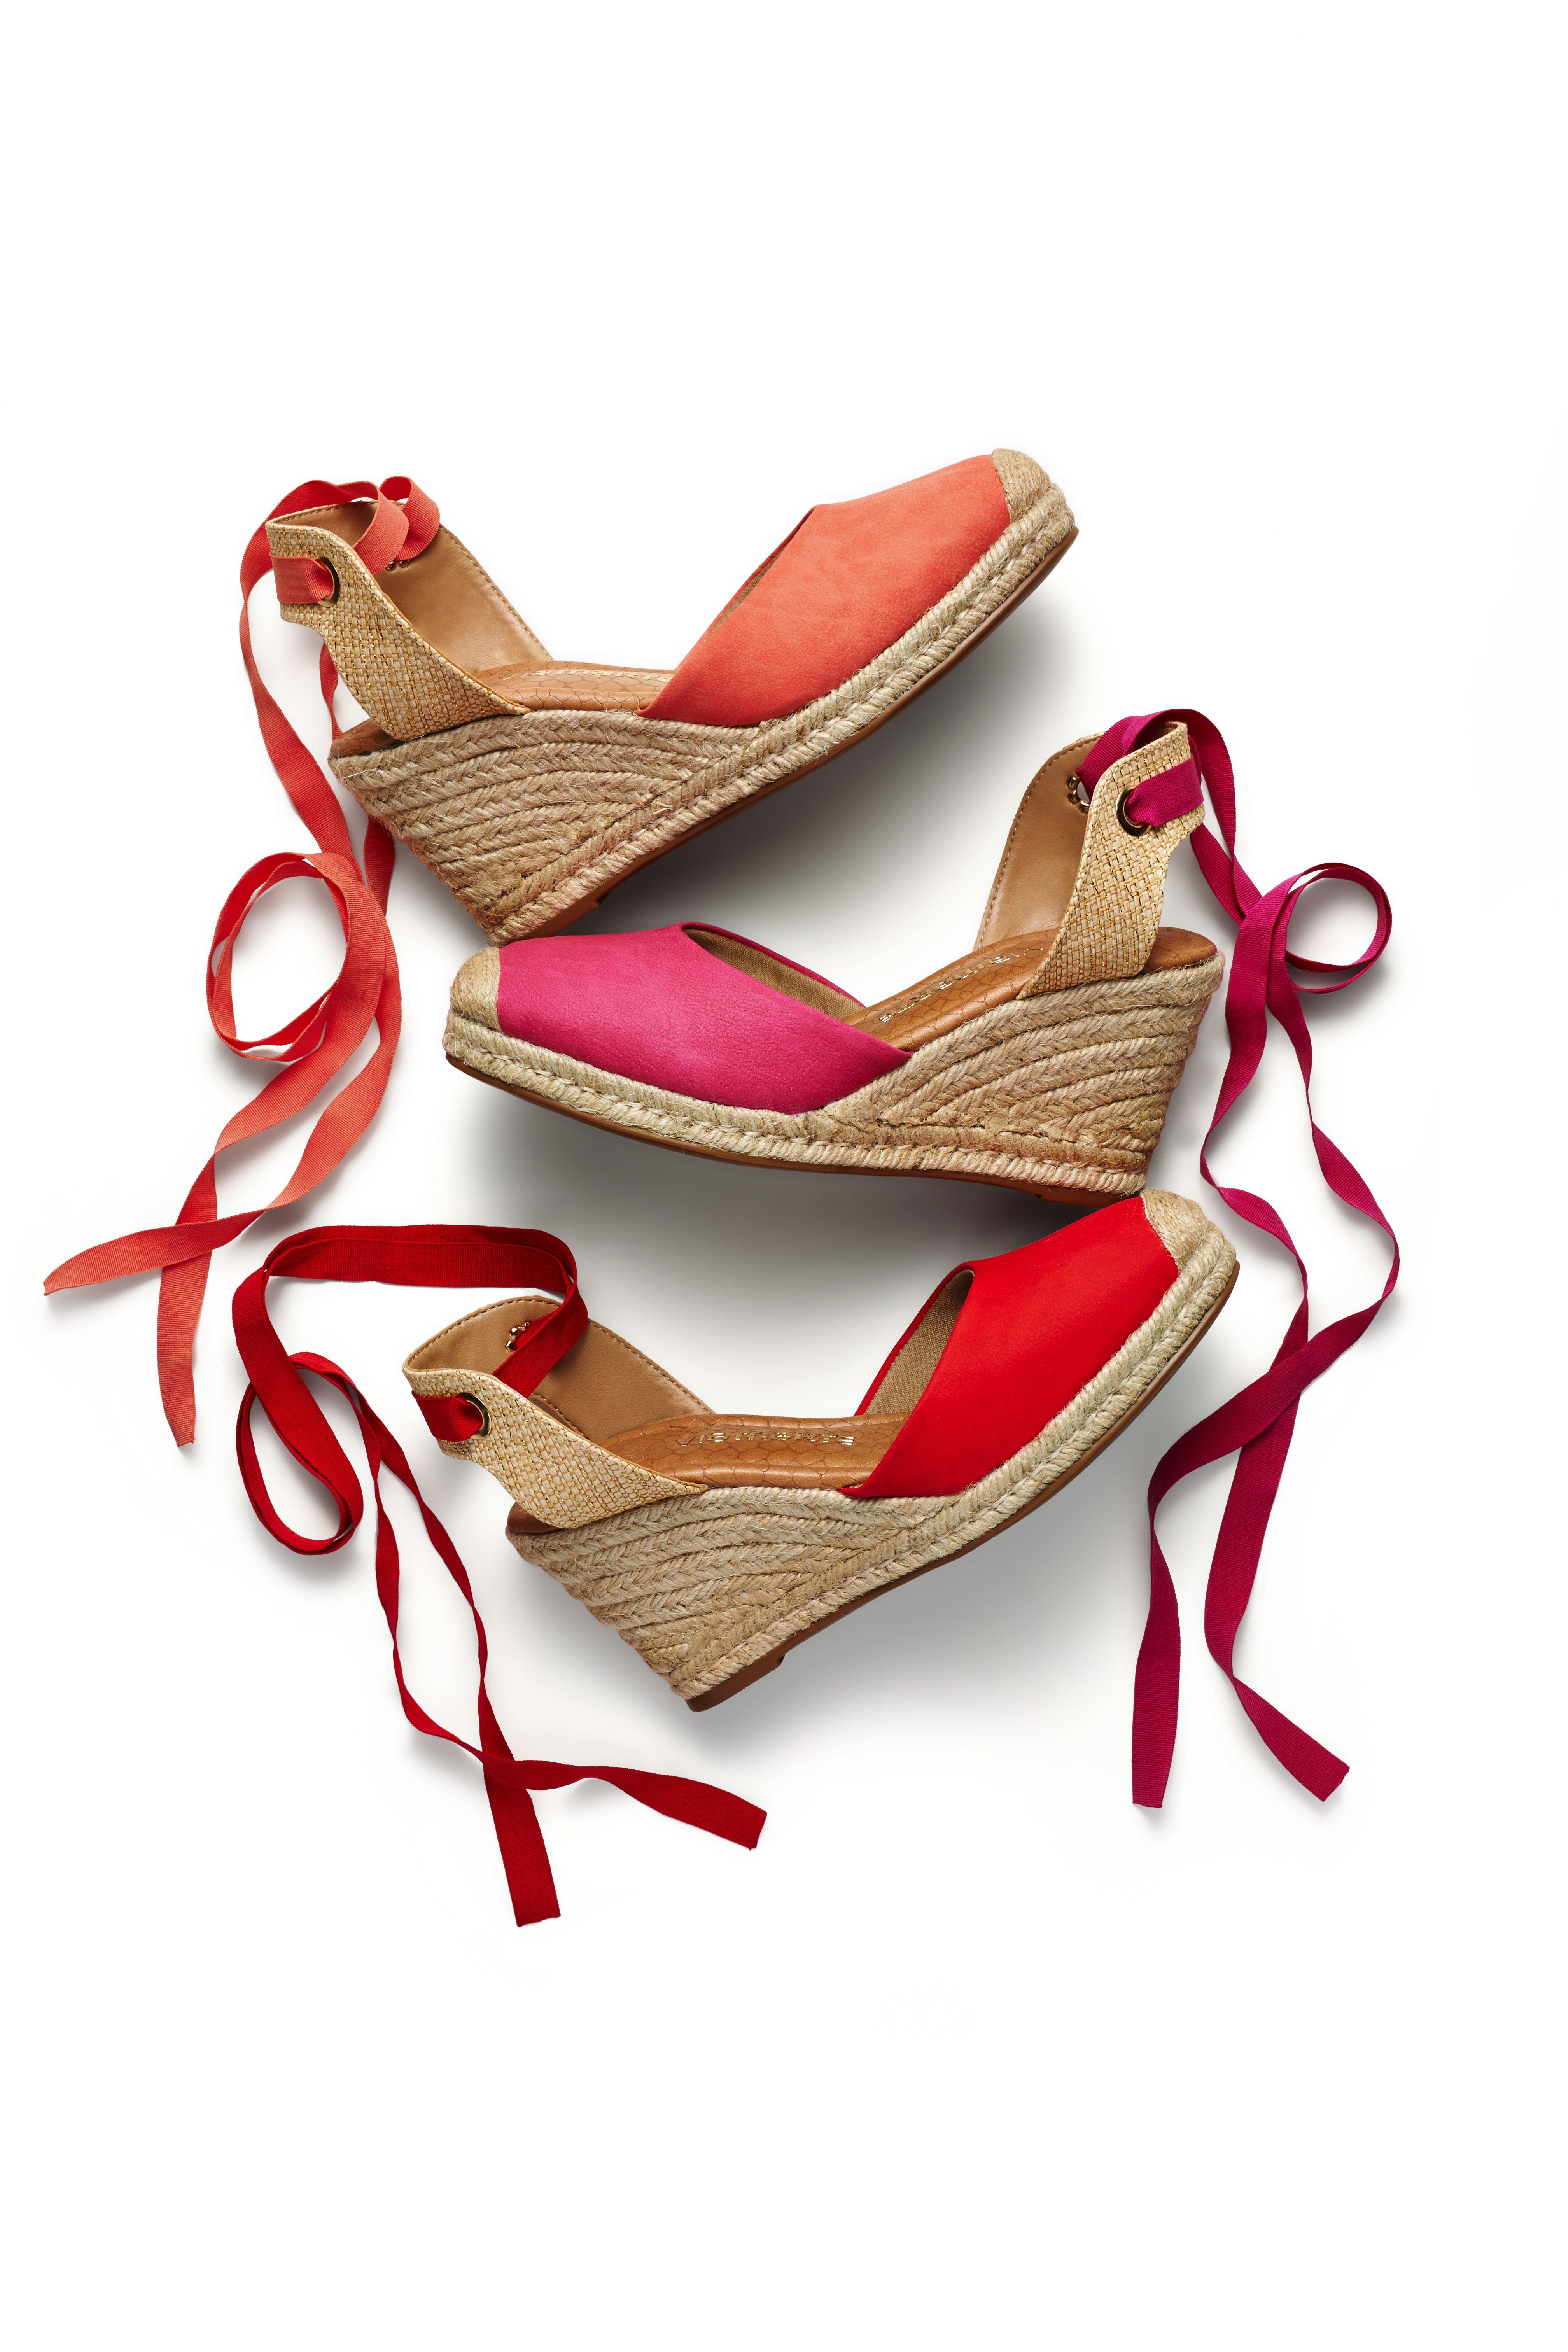 83e1048f14 Espadrilles – salto alto – anabela – heels – sapato aberto – sapato com  fita – cores – vermelho - coral - pink - Verão 2016 – Ref. 15-14007